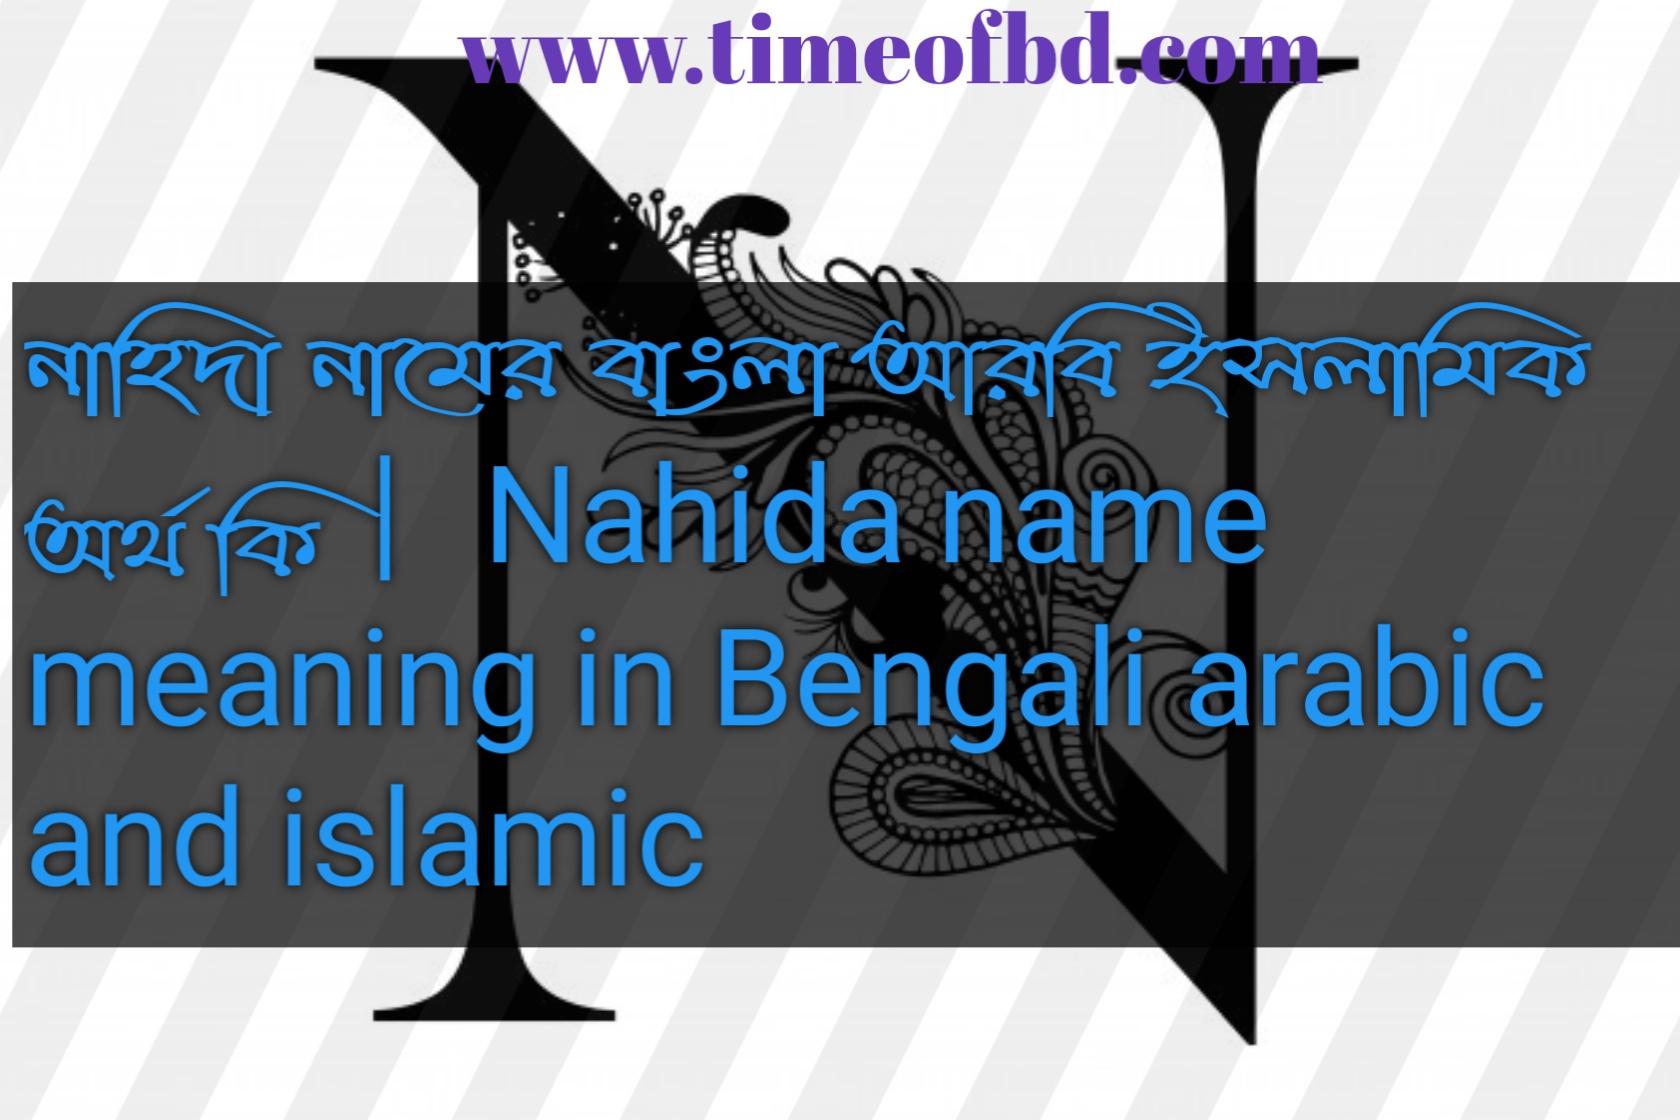 নাহিদা নামের অর্থ কি, নাহিদা নামের বাংলা অর্থ কি, নাহিদা নামের ইসলামিক অর্থ কি, Nahida name in Bengali, নাহিদা কি ইসলামিক নাম,